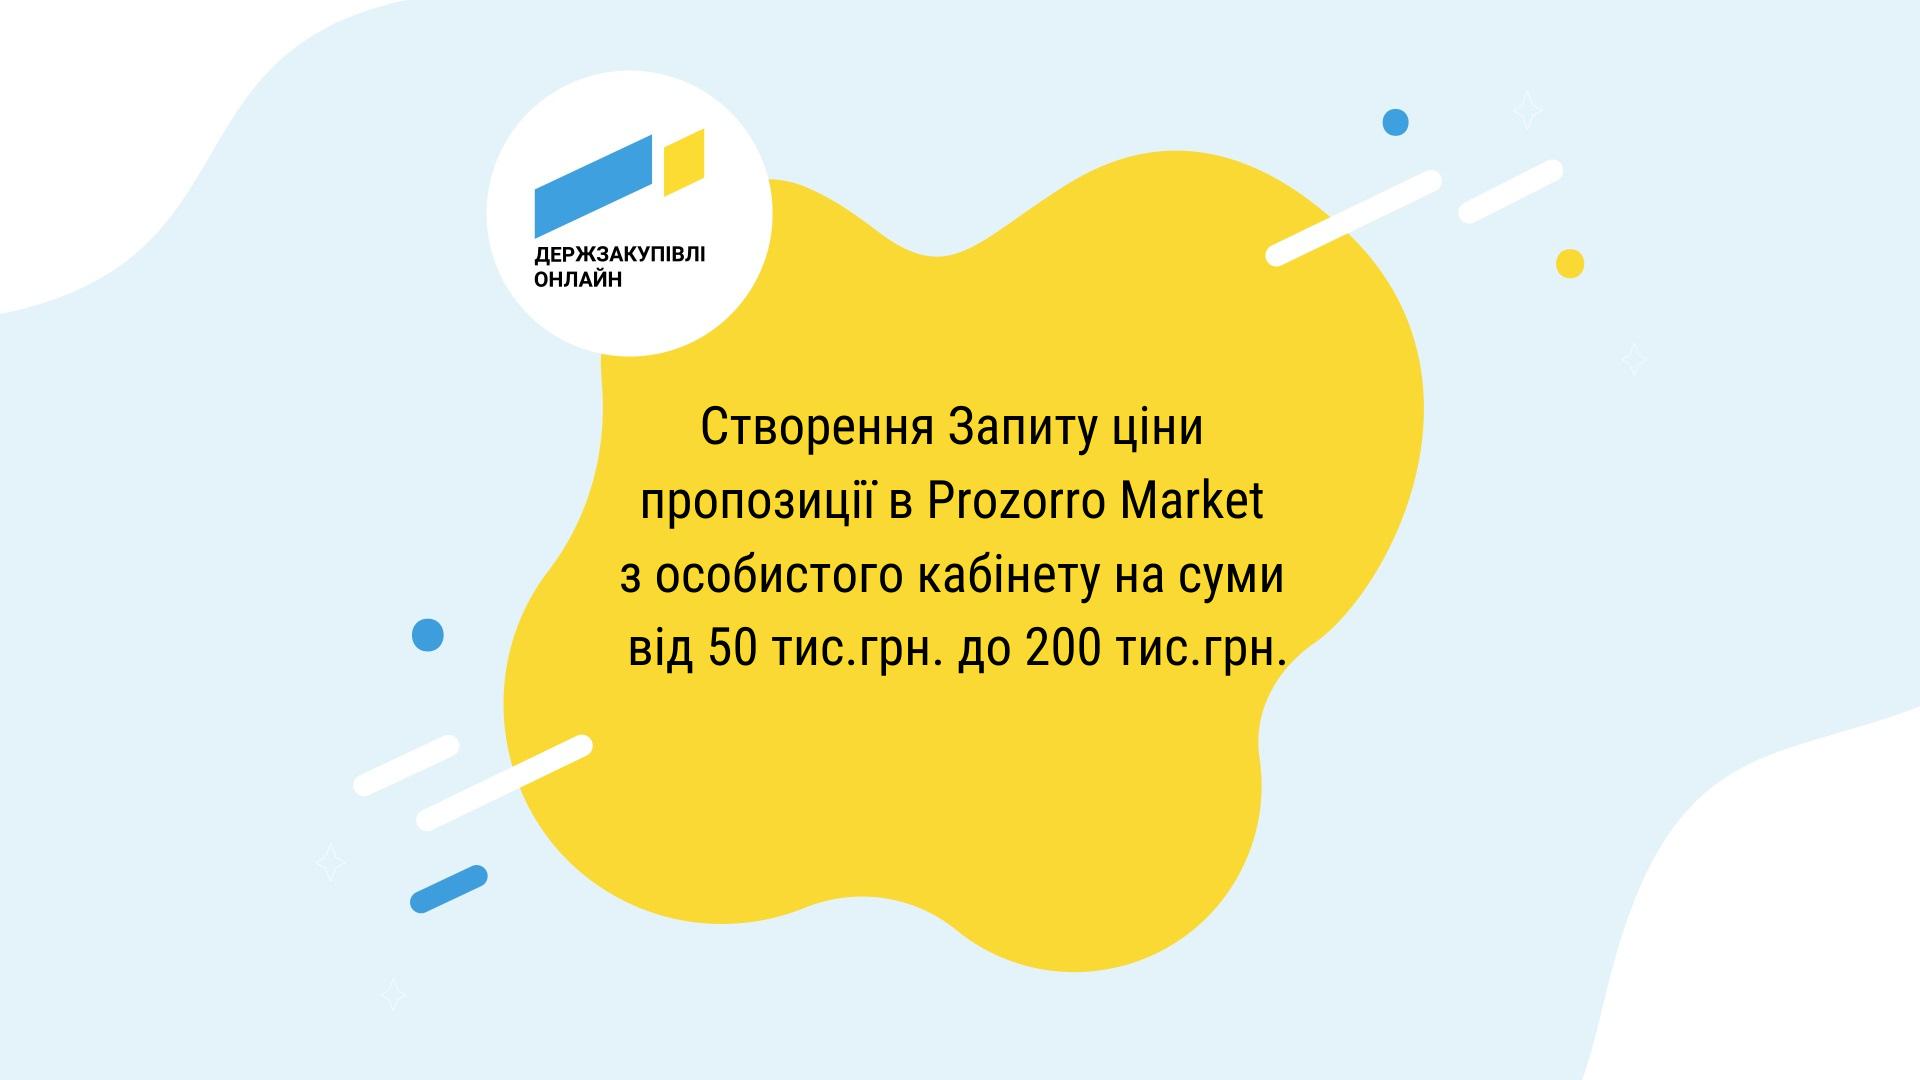 Створення Запиту ціни пропозиції в Prozorro Market з особистого кабінету на суми від 50 тис.грн. до 200 тис.грн. (1)